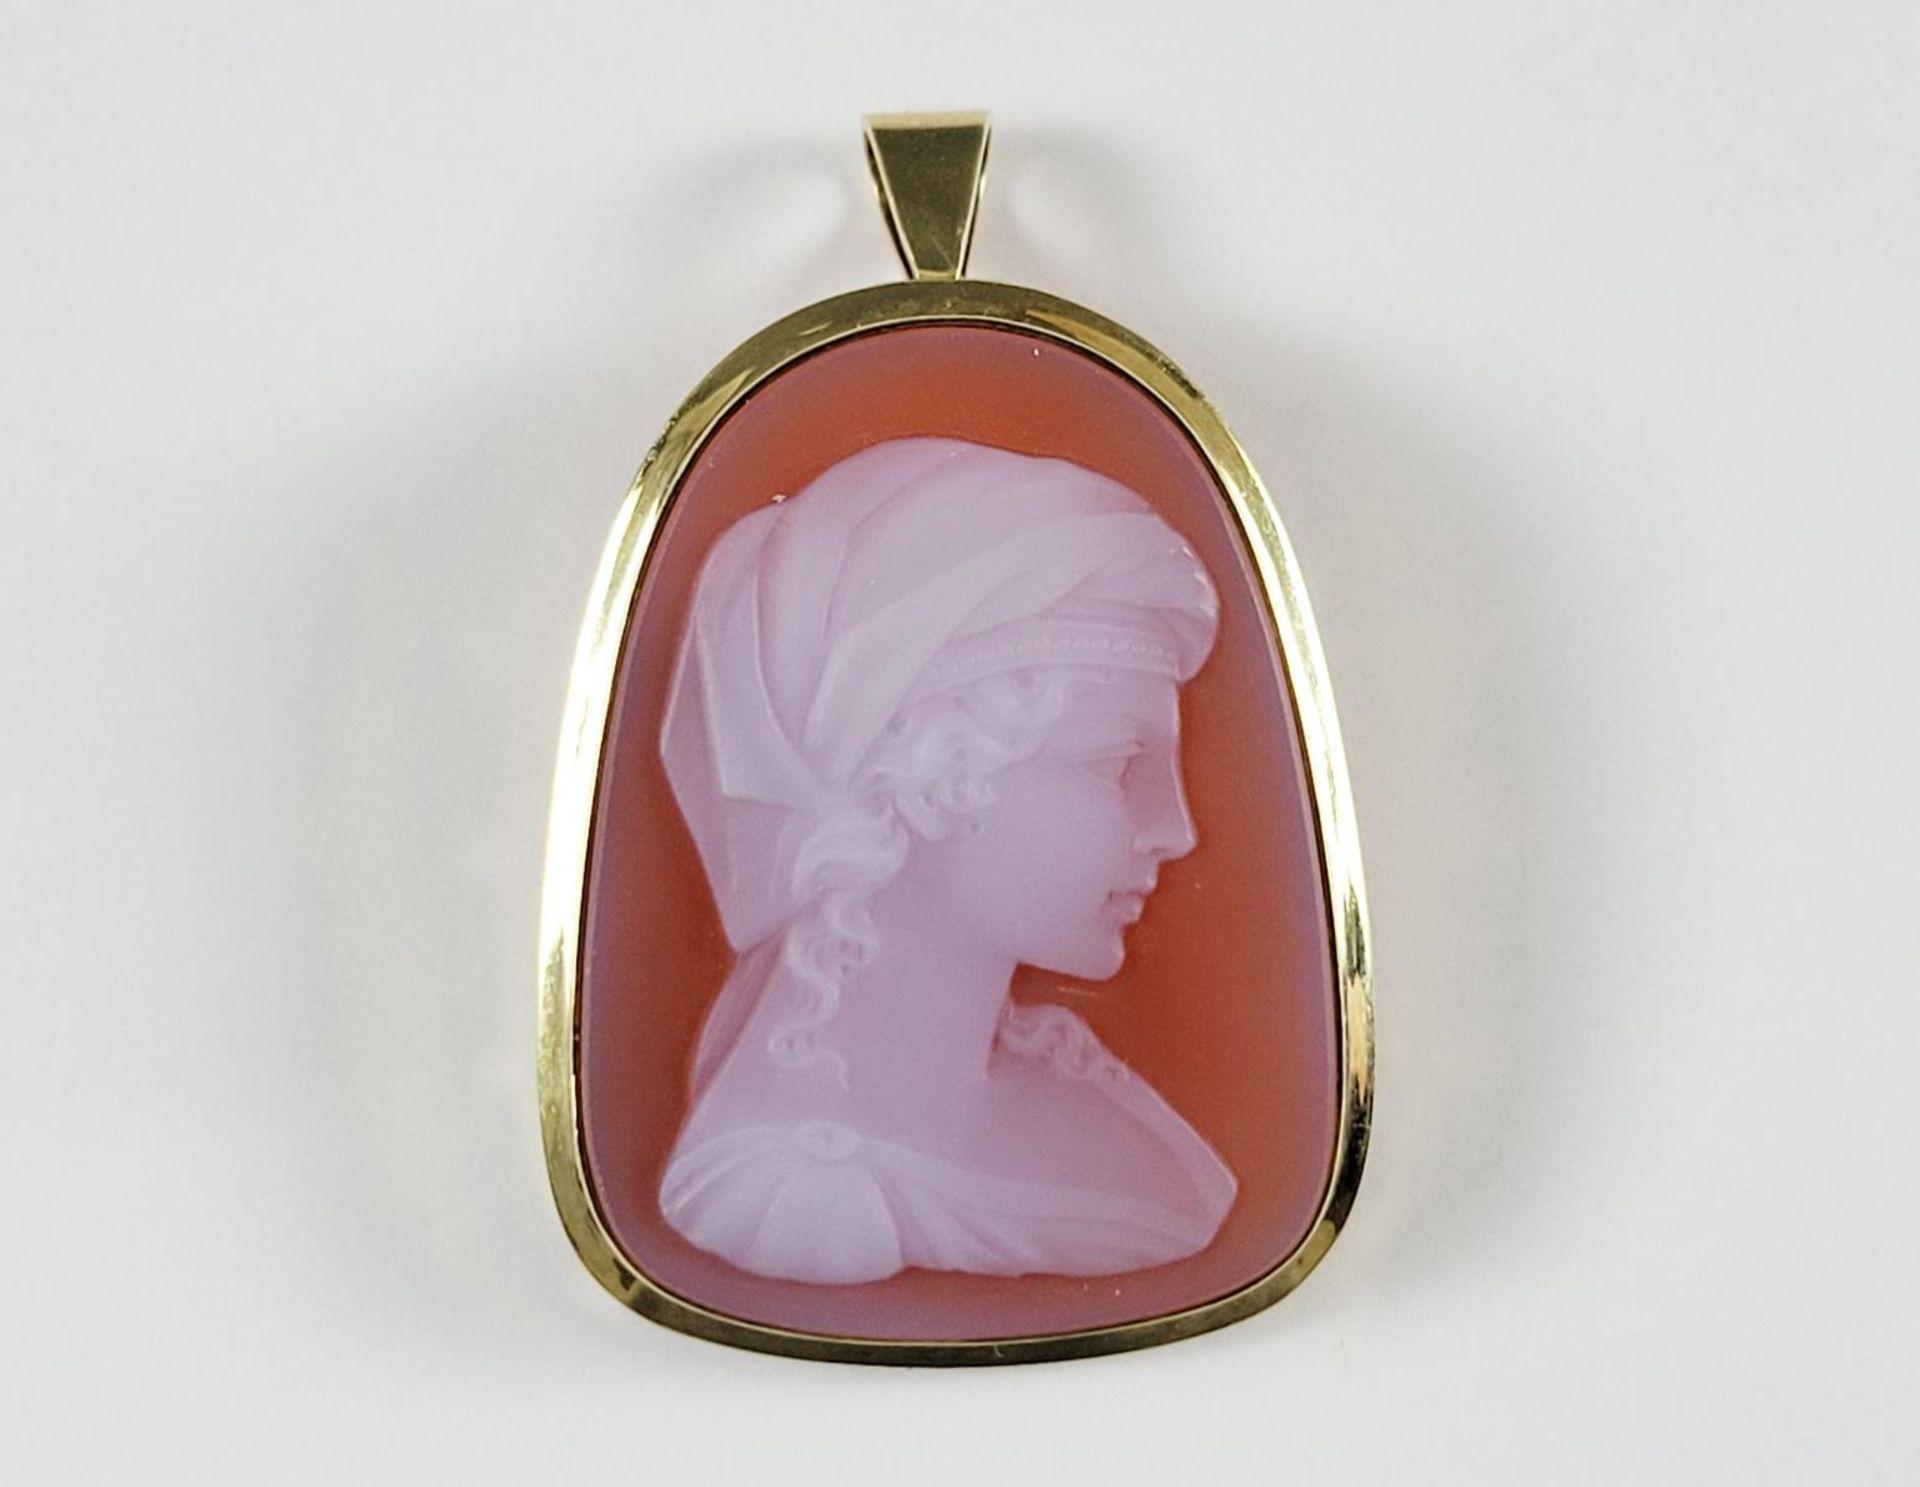 Muschelkamee Brosche mit geschnitztem Damenportrait nach rechts, 14 Karat Gelbgoldfassung